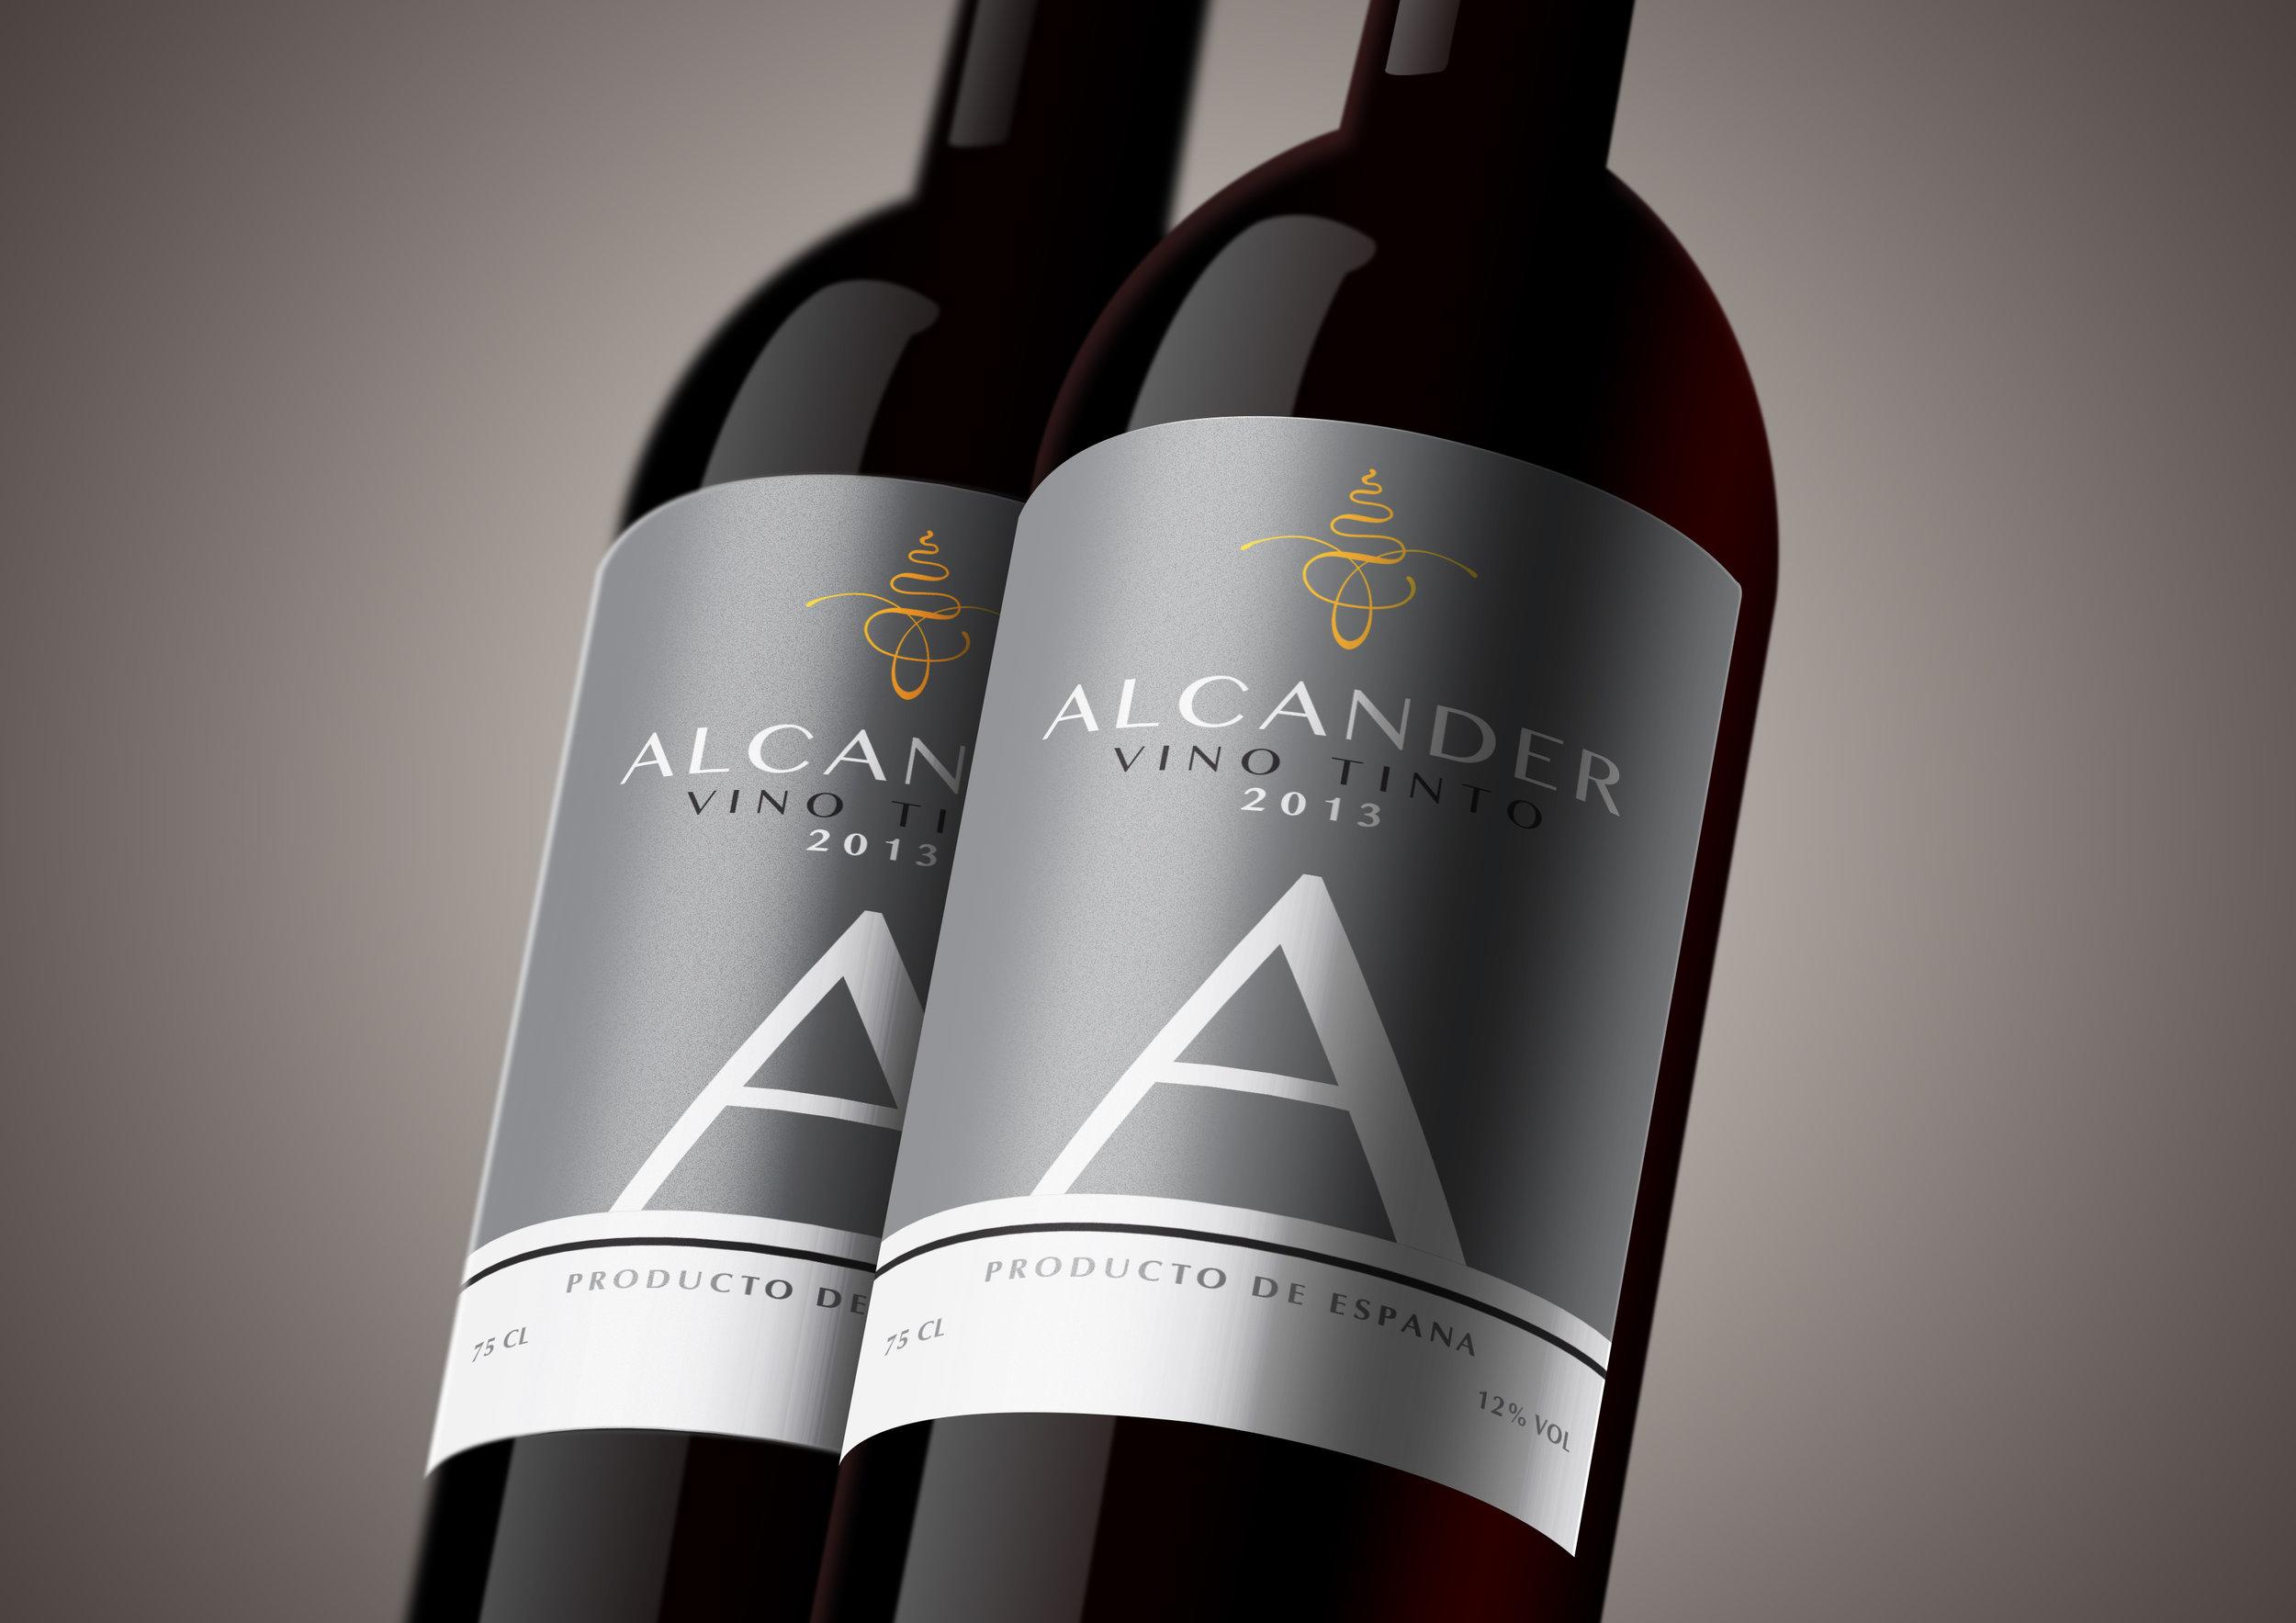 Alcander 2 bottle shot.jpg